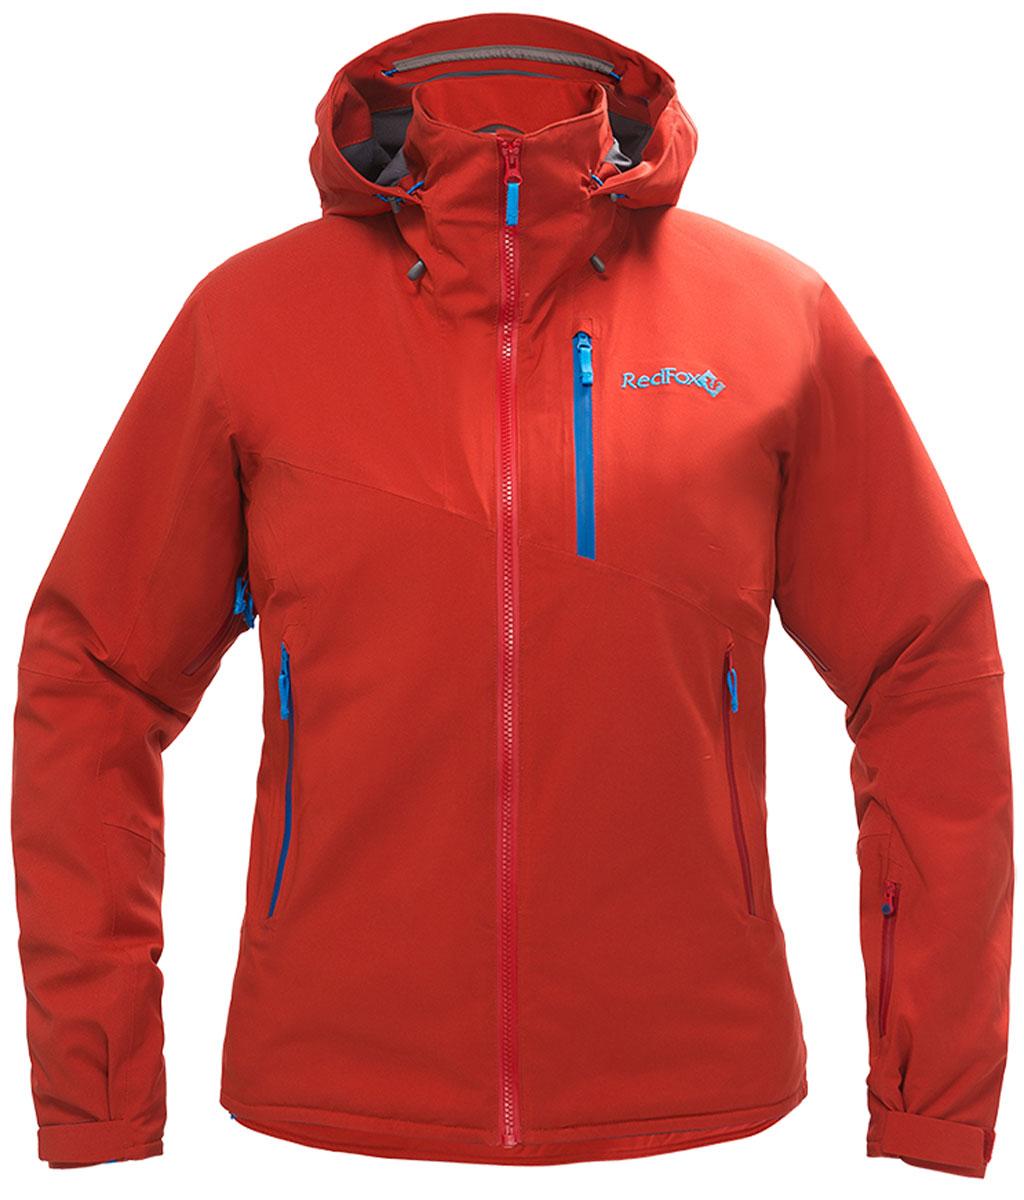 Куртка женская Red Fox, цвет: темно-красный. 1051610. Размер XS (42)1051610В моделях Voltage используется эксклюзивный утеплитель Thinsulate®FX70, который выполнен из эластичного синтетического волокна и ламинирован с ультралёгкой трикотажной подкладкой, что позволяет использовать меньшее количество слоев одежды. Изделия обладают свойствами климат-контроля, благодаря которым во время катания поддерживается оптимальная температура тела. Регулируемый в трех плоскостях капюшон с ламинированным козырьком совместим с каской. Центральная тракторная молния. Защита подбородка из микрофлиса. Вентиляция в подмышечной зоне на молнии со вставками из сетки. Односторонняя регулировка по низу изделия. Воротник-стойка продублирован микрофлисом. Снегозащитная юбка и нижняя часть подкладки куртки выполнены из влагостойкого материала. Эластичные внутренние манжеты с отверстием для большого пальца. Влагозащитные наружные молнии и проклеенные швы.